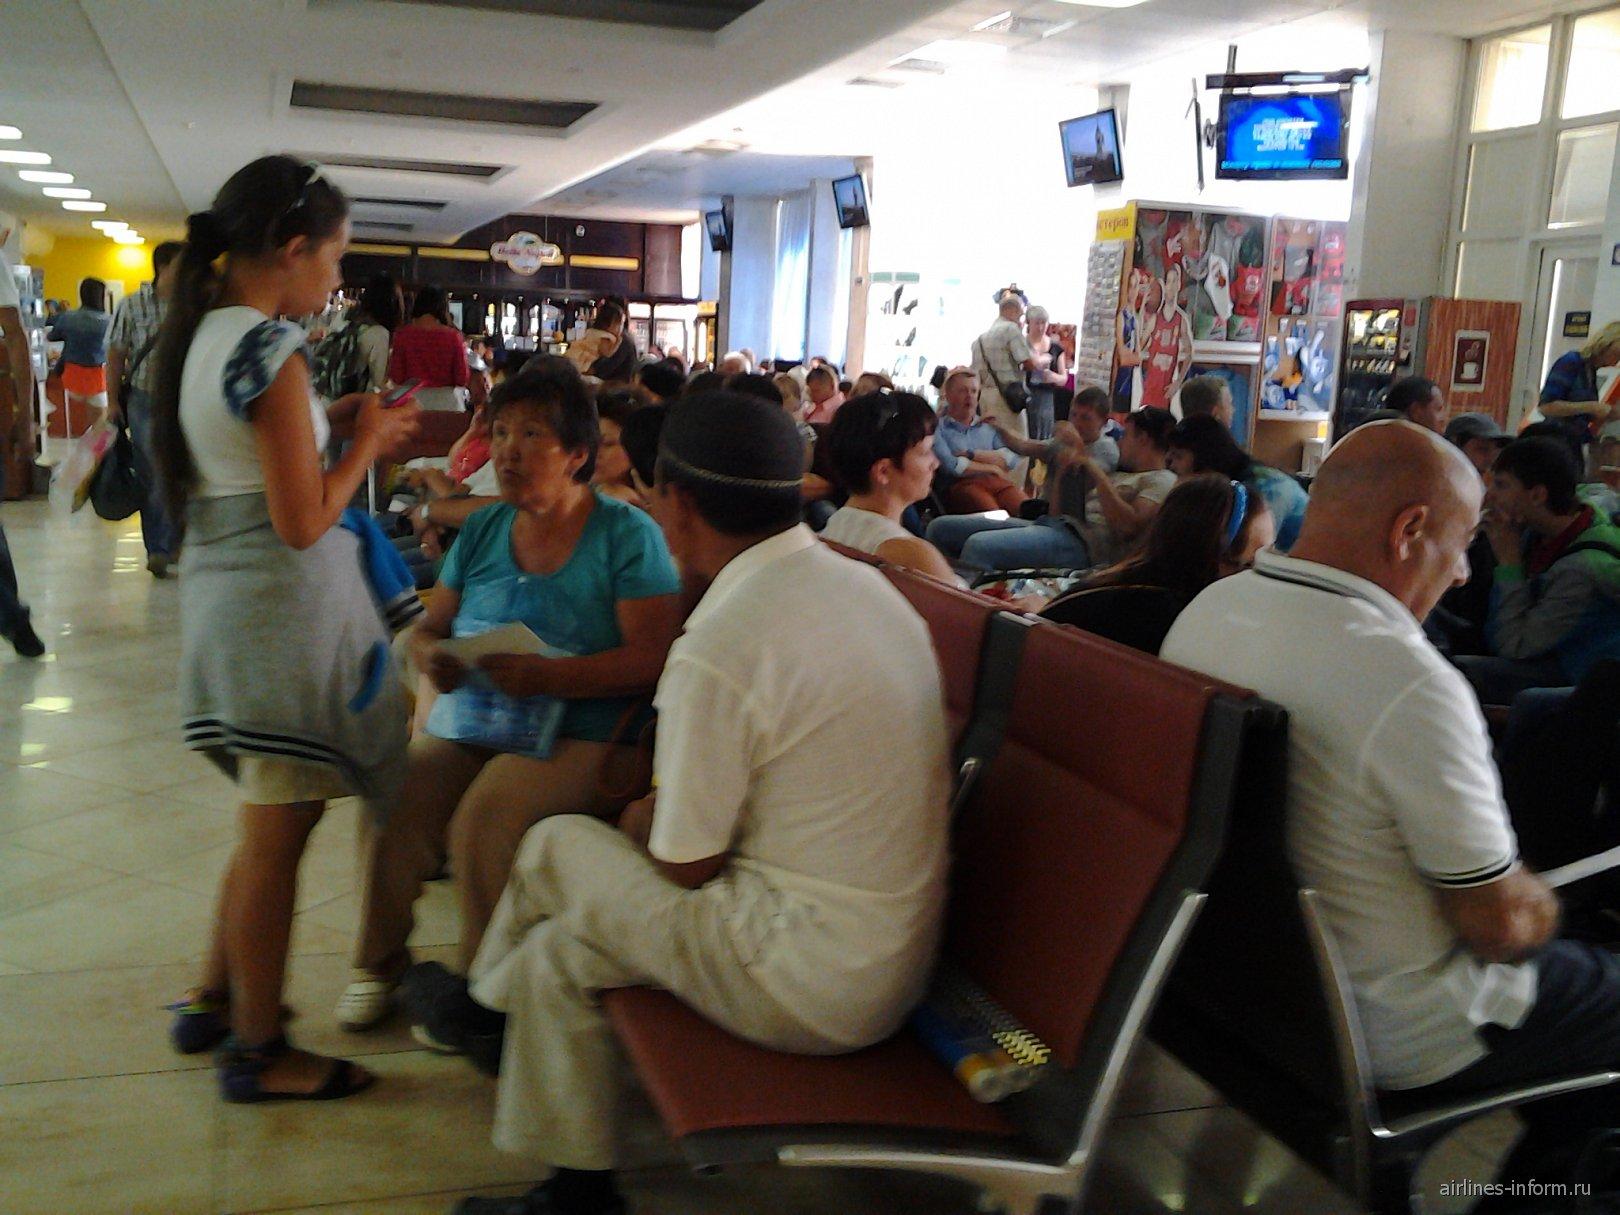 Зал ожидания аэропорта Краснодар Пашковская